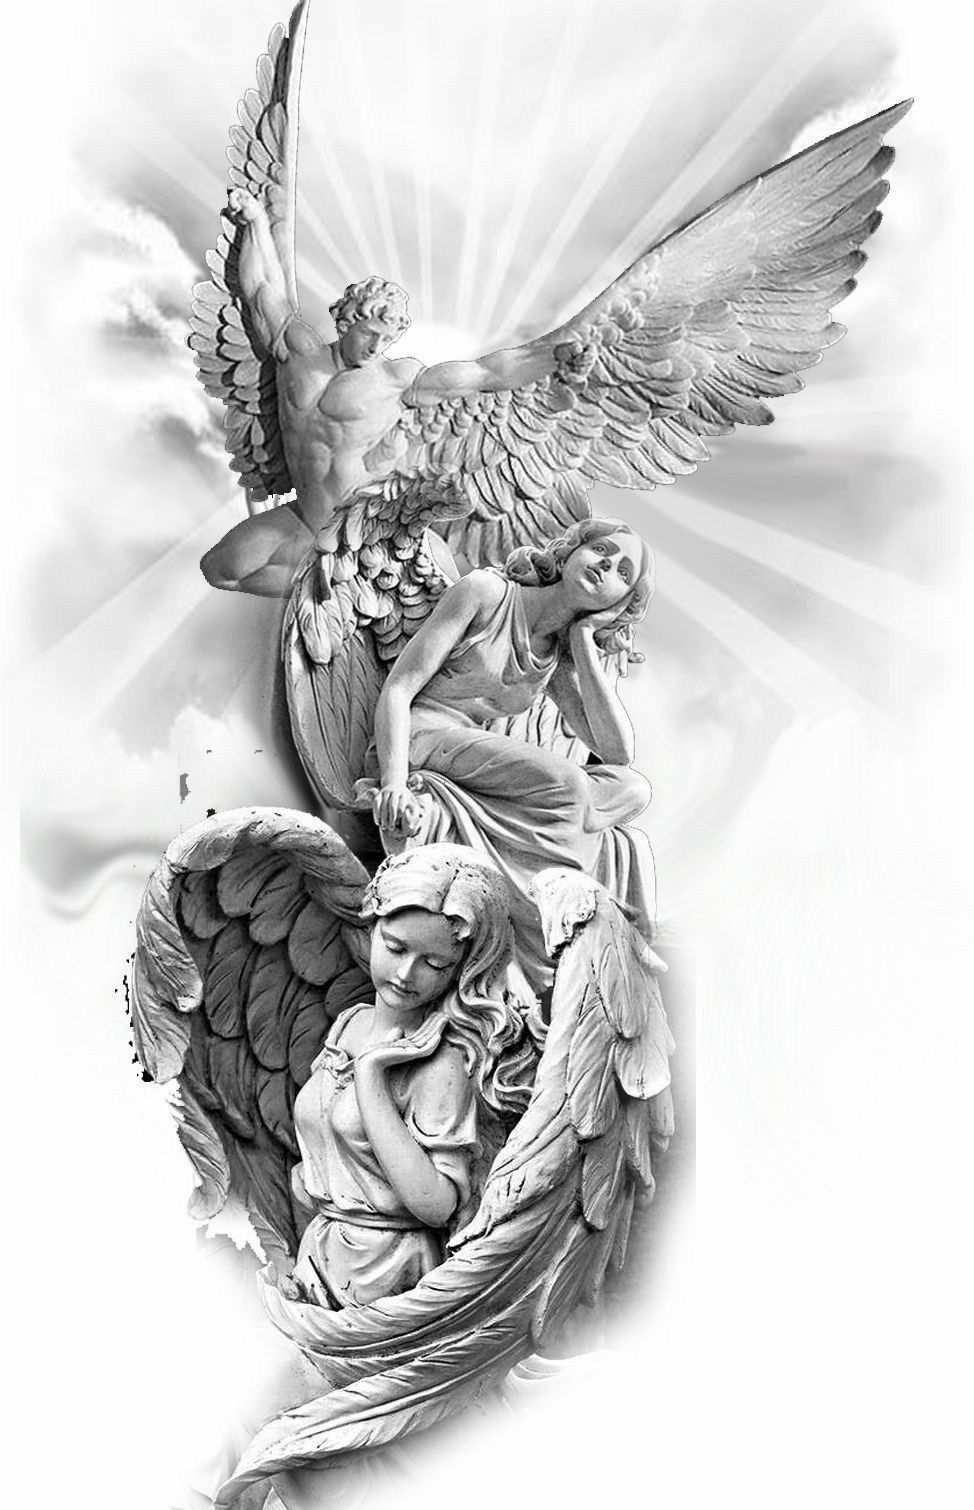 Pin Von Humberto Mares Auf Angels In 2020 Engel Tattoo Vorlagen Engel Tattoo Manner Unterarm Tattoo Vorlagen